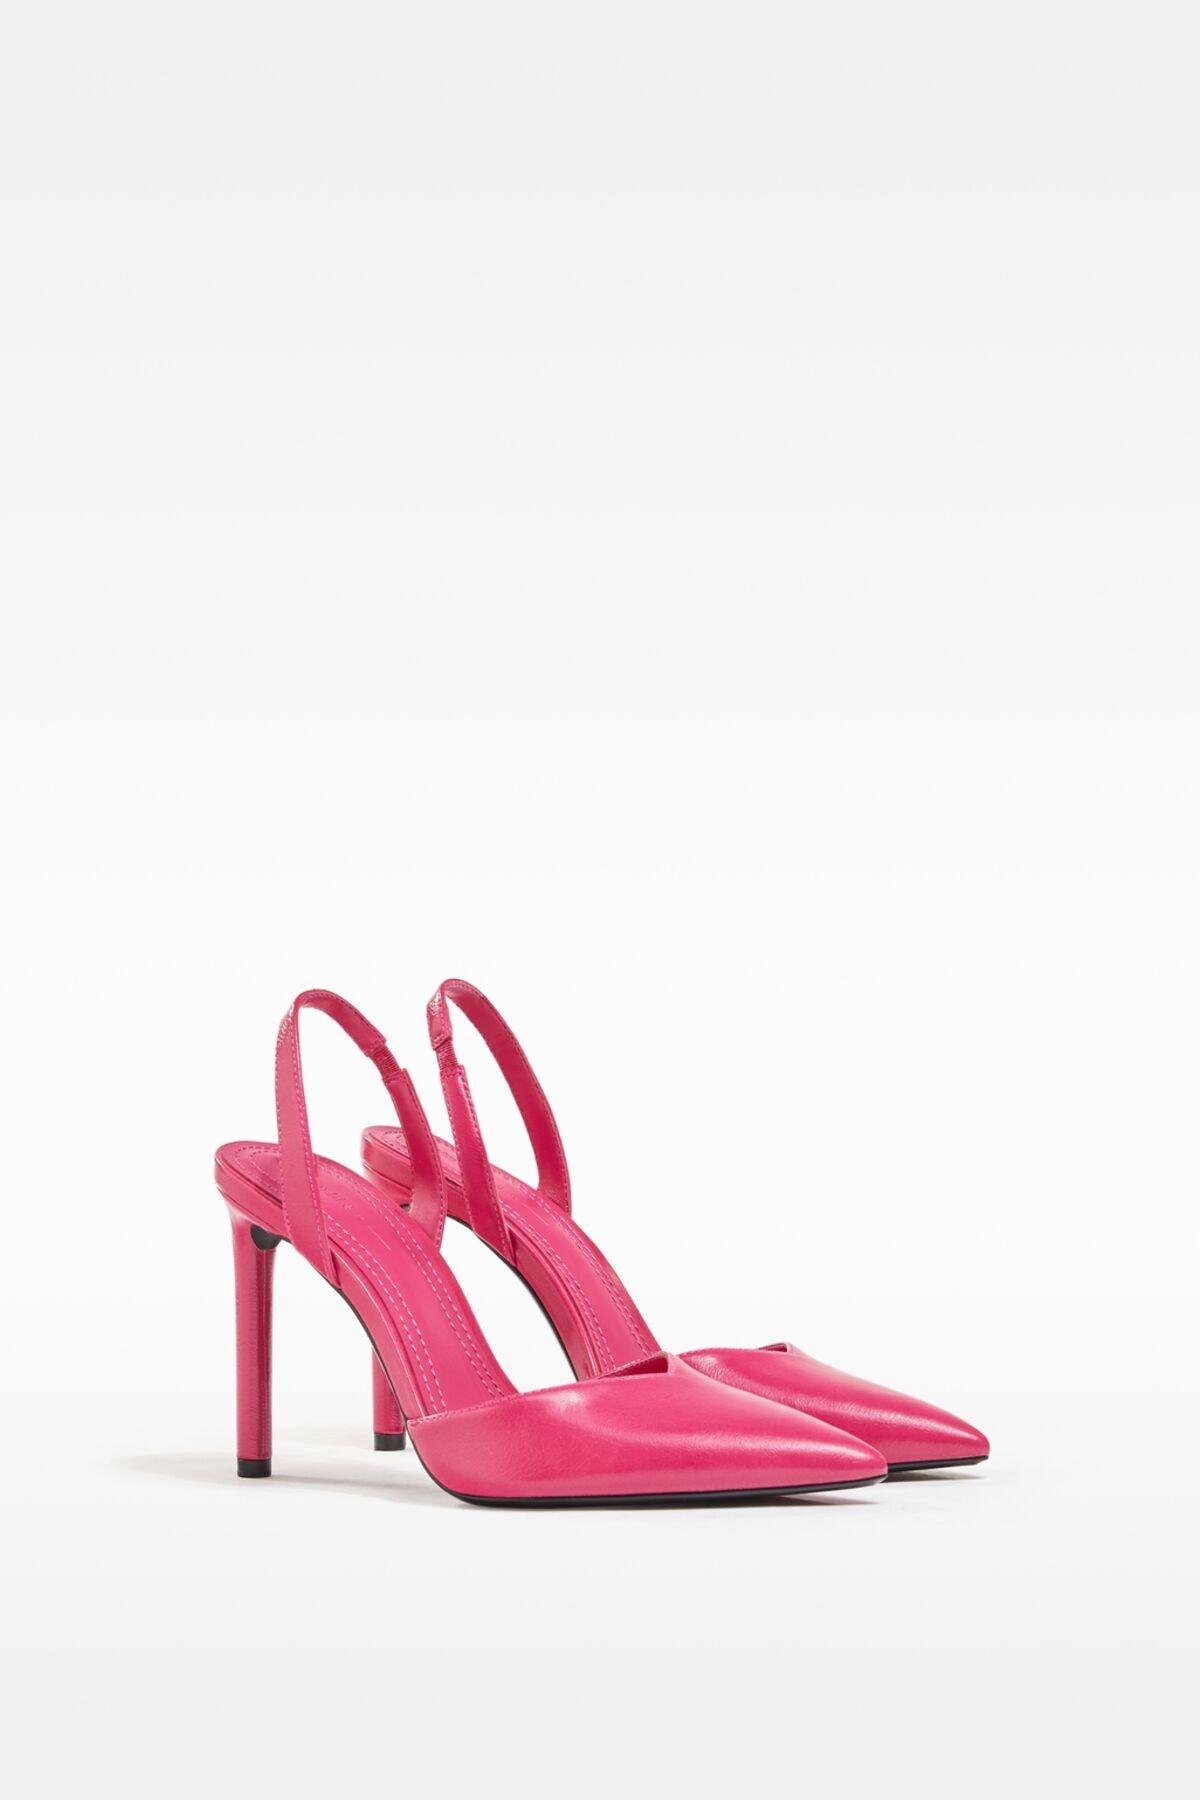 Bershka Kadın Fuşya Topuğu Açık, İnce Topuklu Ayakkabı 0